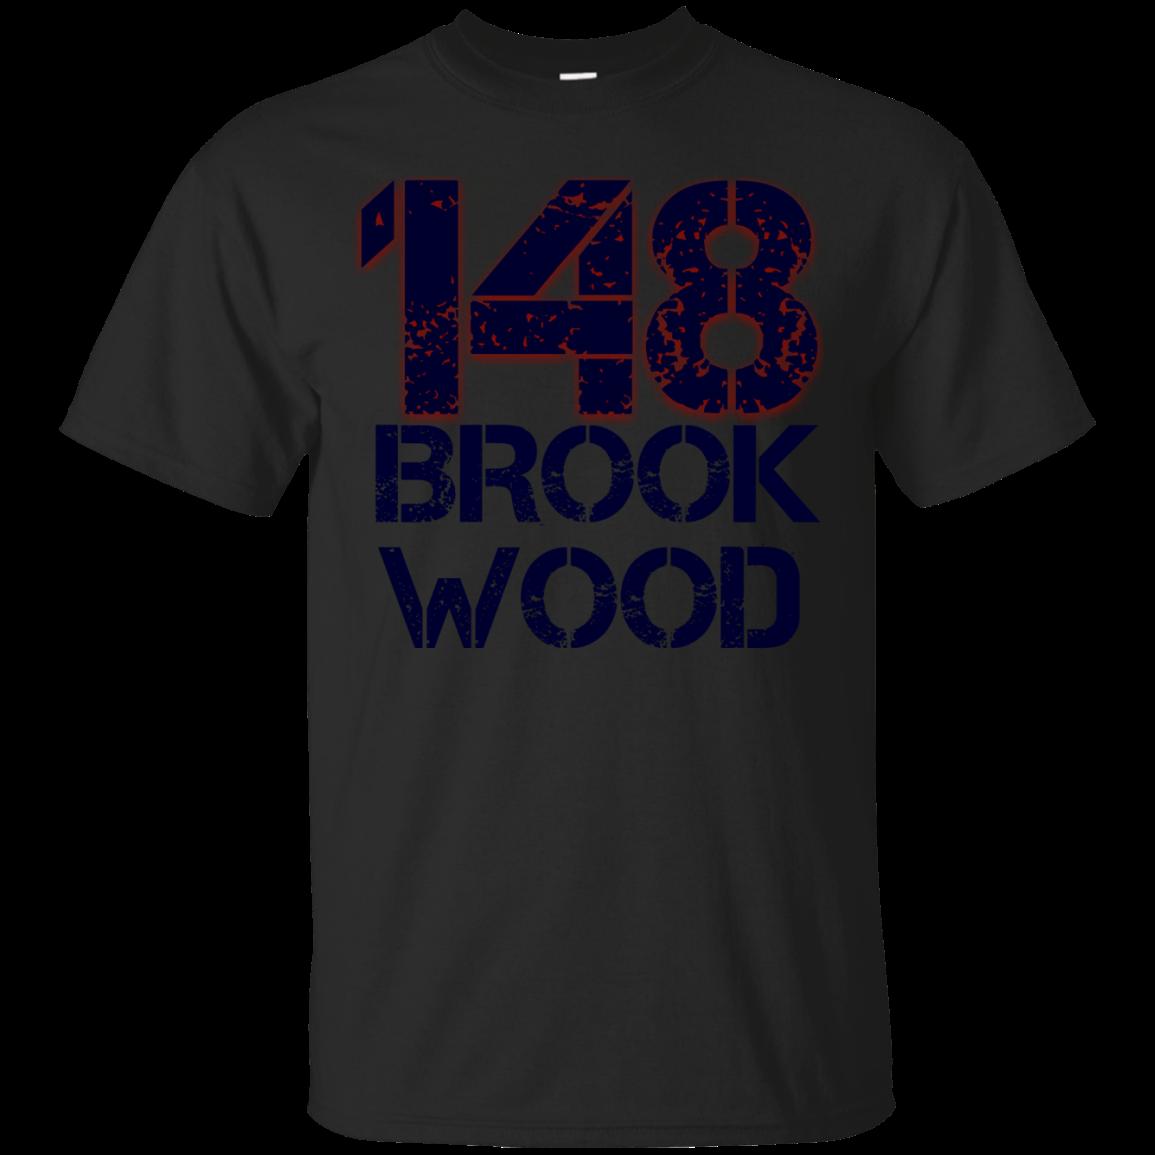 148 T Shirt